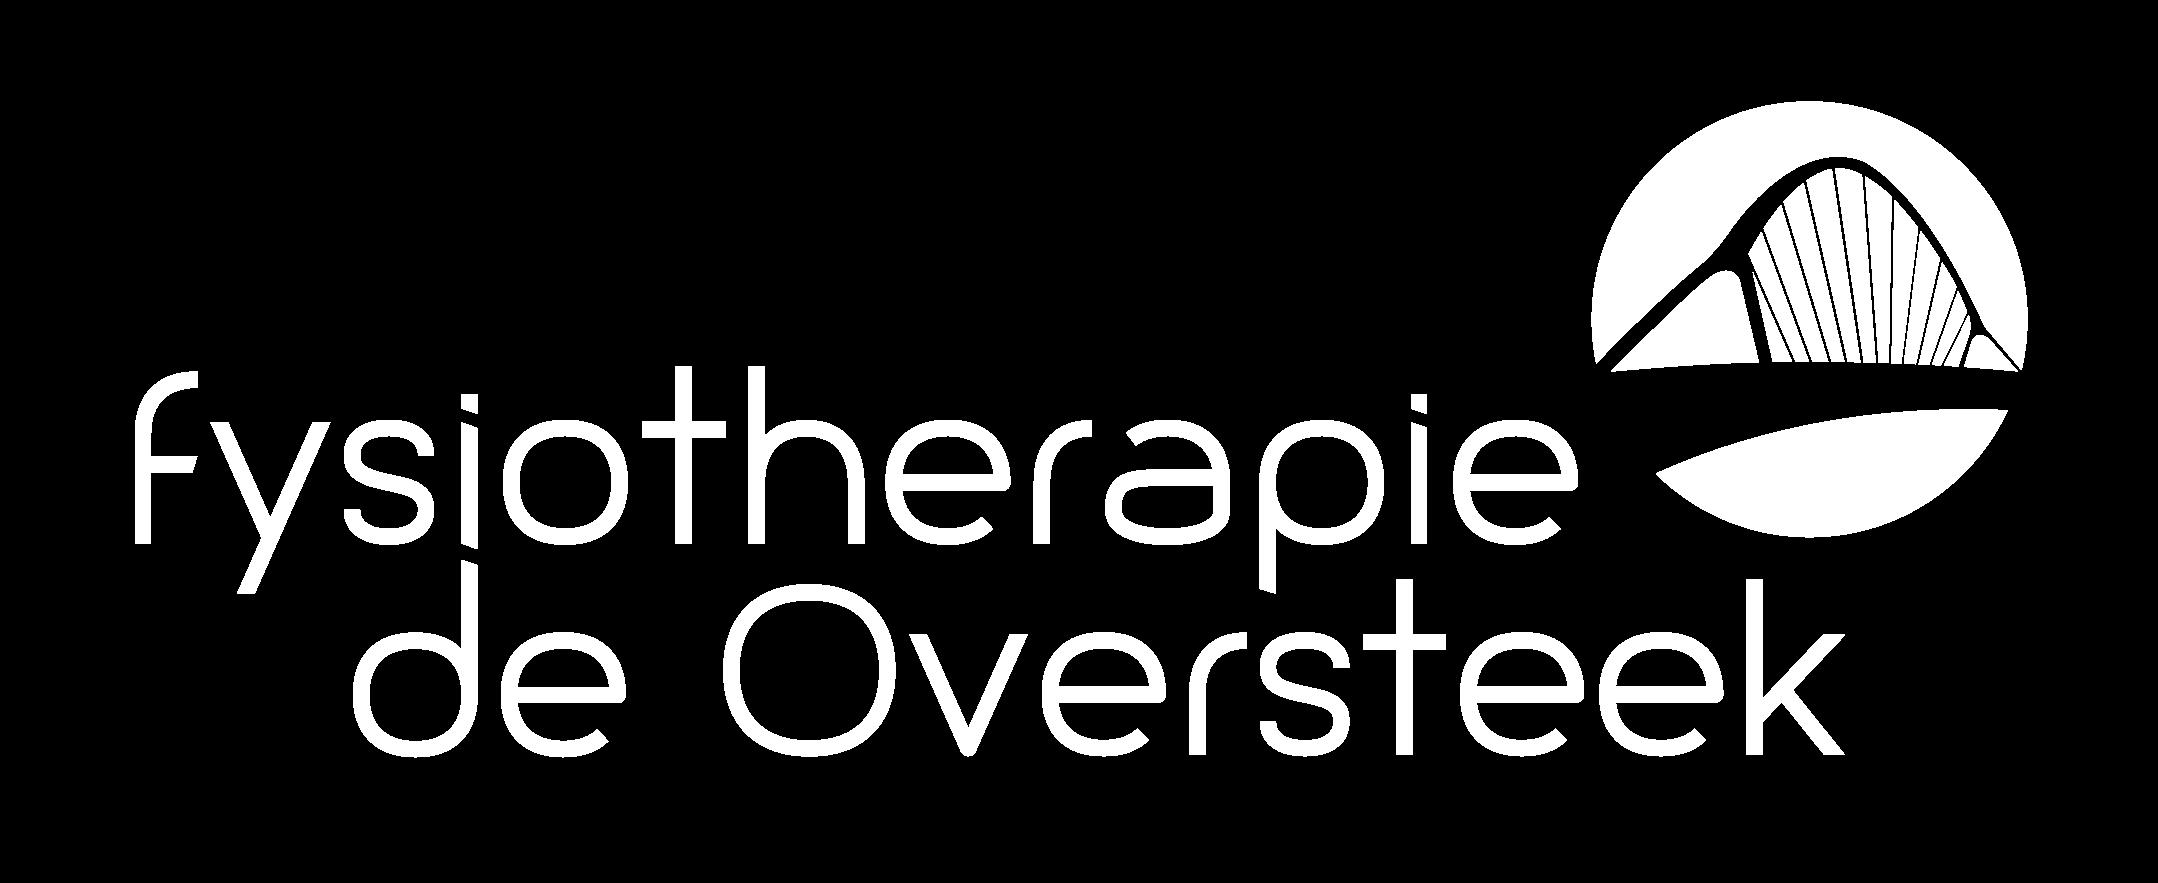 Fysiotherapie de Oversteek